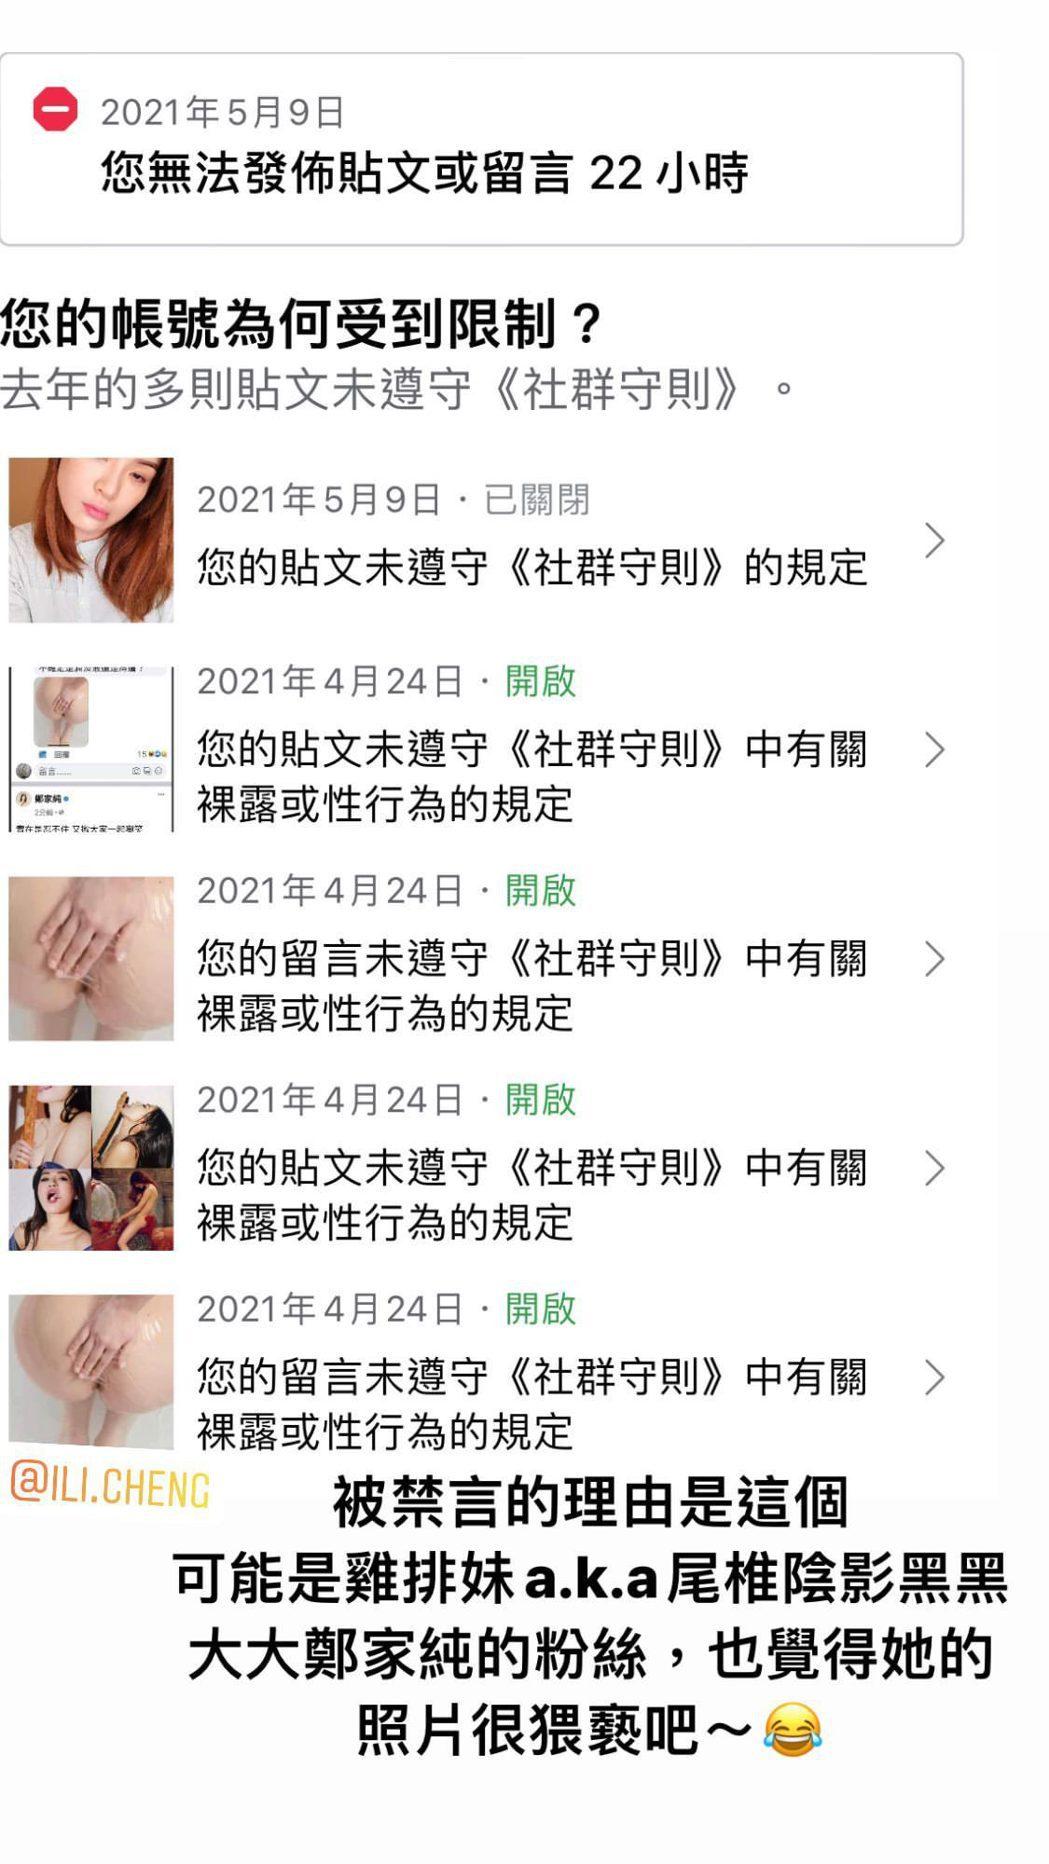 陳沂表明直播影片被檢舉下架,而她的帳號也被禁止貼文留言。 圖/擷自陳沂IG